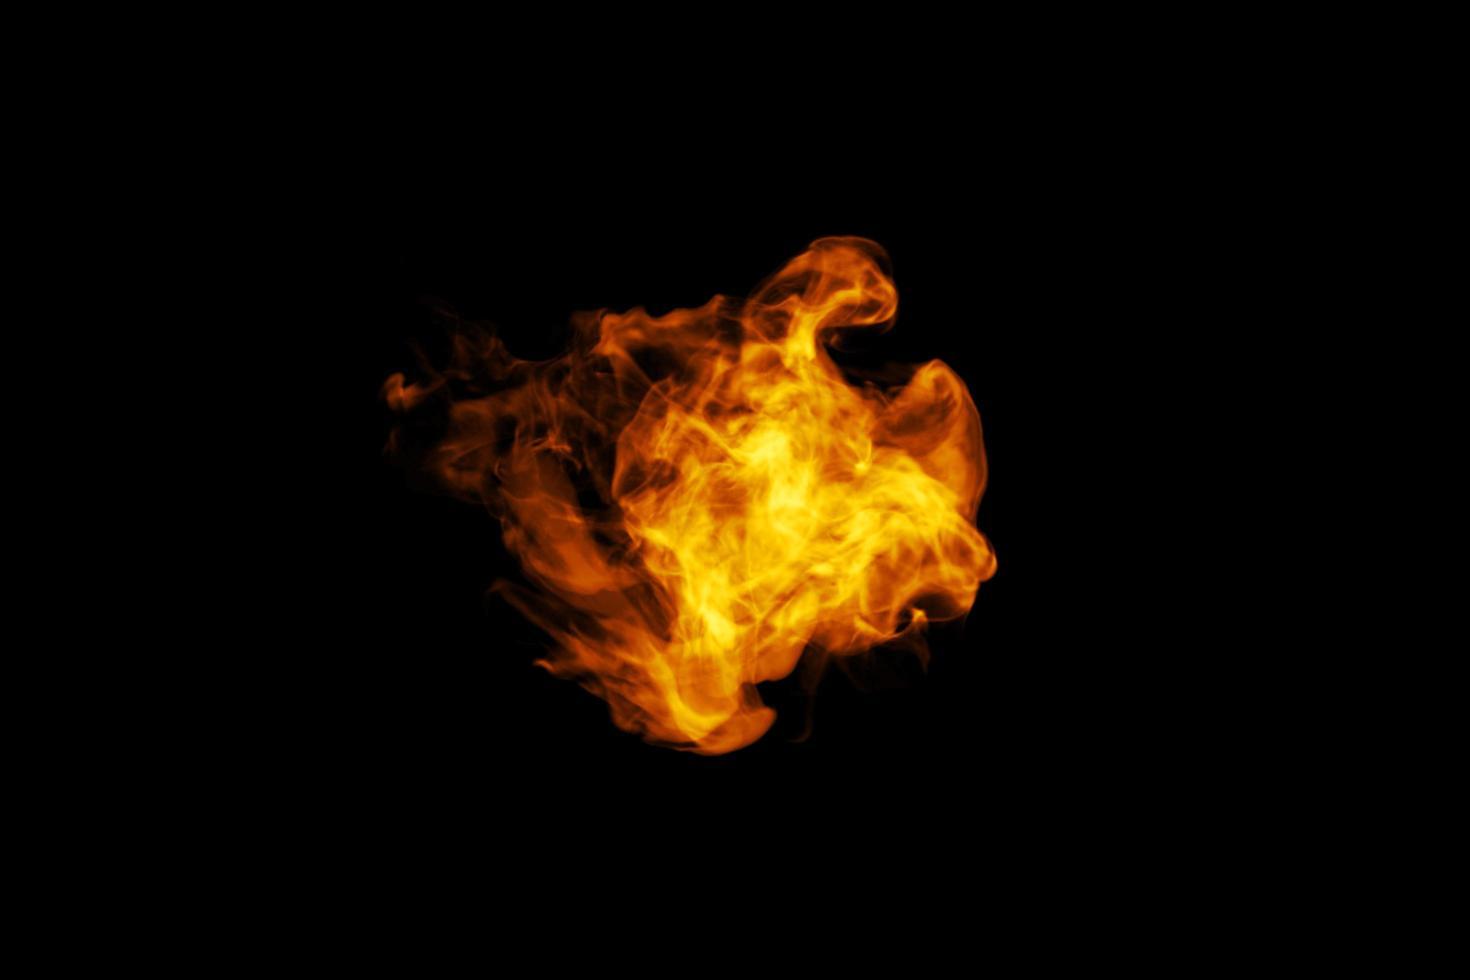 fuoco su uno sfondo nero foto